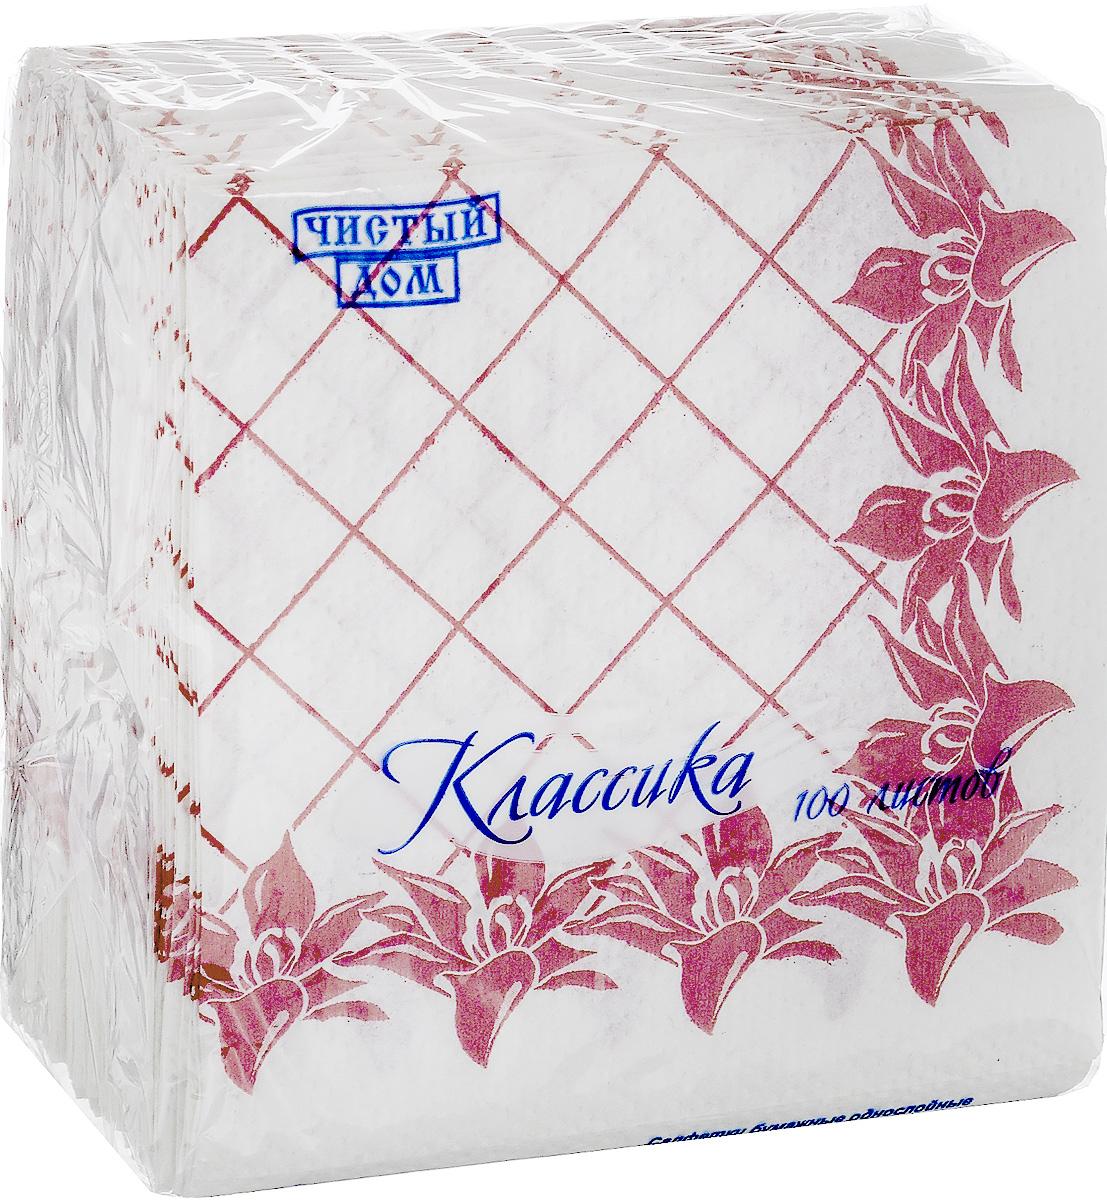 Салфетки бумажные Чистый дом Классика, однослойные, цвет: белый, розовый, 25 х 25 см, 100 шт4606920000043_белый, розовыйОднослойные салфетки Чистый дом Классика выполнены из 100% целлюлозы. Салфетки подходят для косметического,санитарно-гигиенического и хозяйственногоназначения. Нежные и мягкие. Салфетки украшеныузором.Размер салфеток: 25 х 25 см.